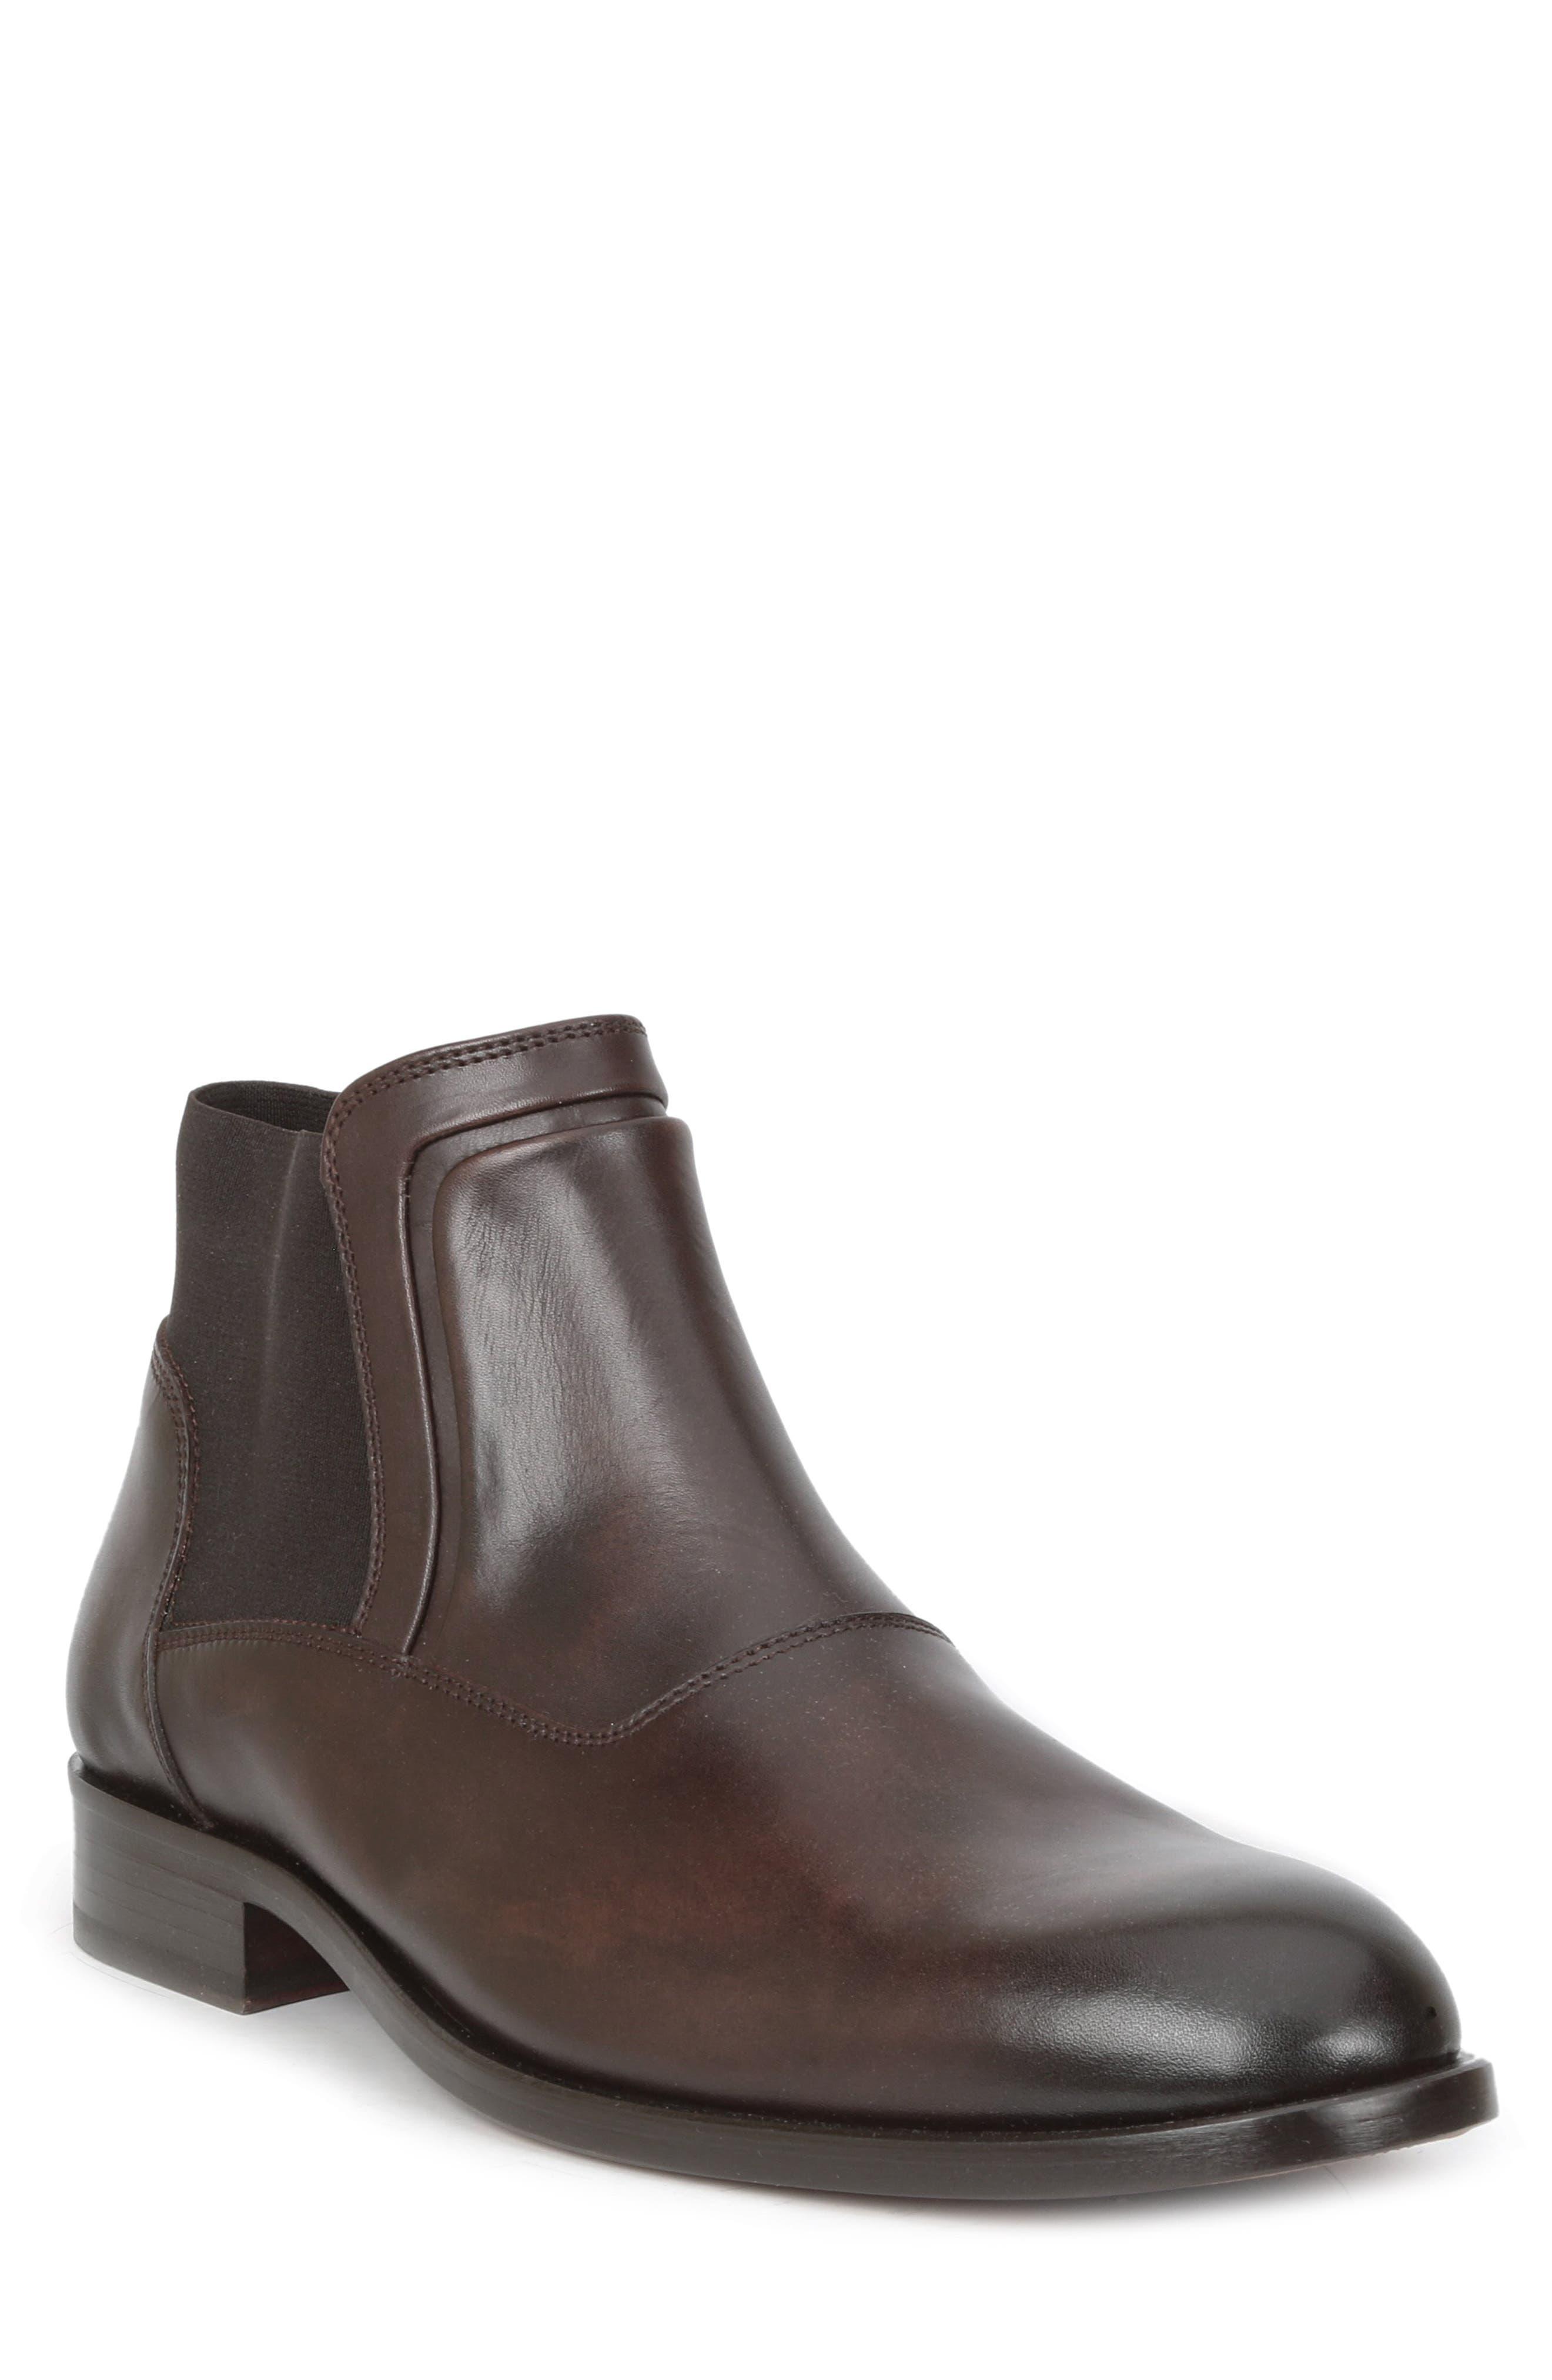 Bruno Magli Sancho Chelsea Boot, Brown